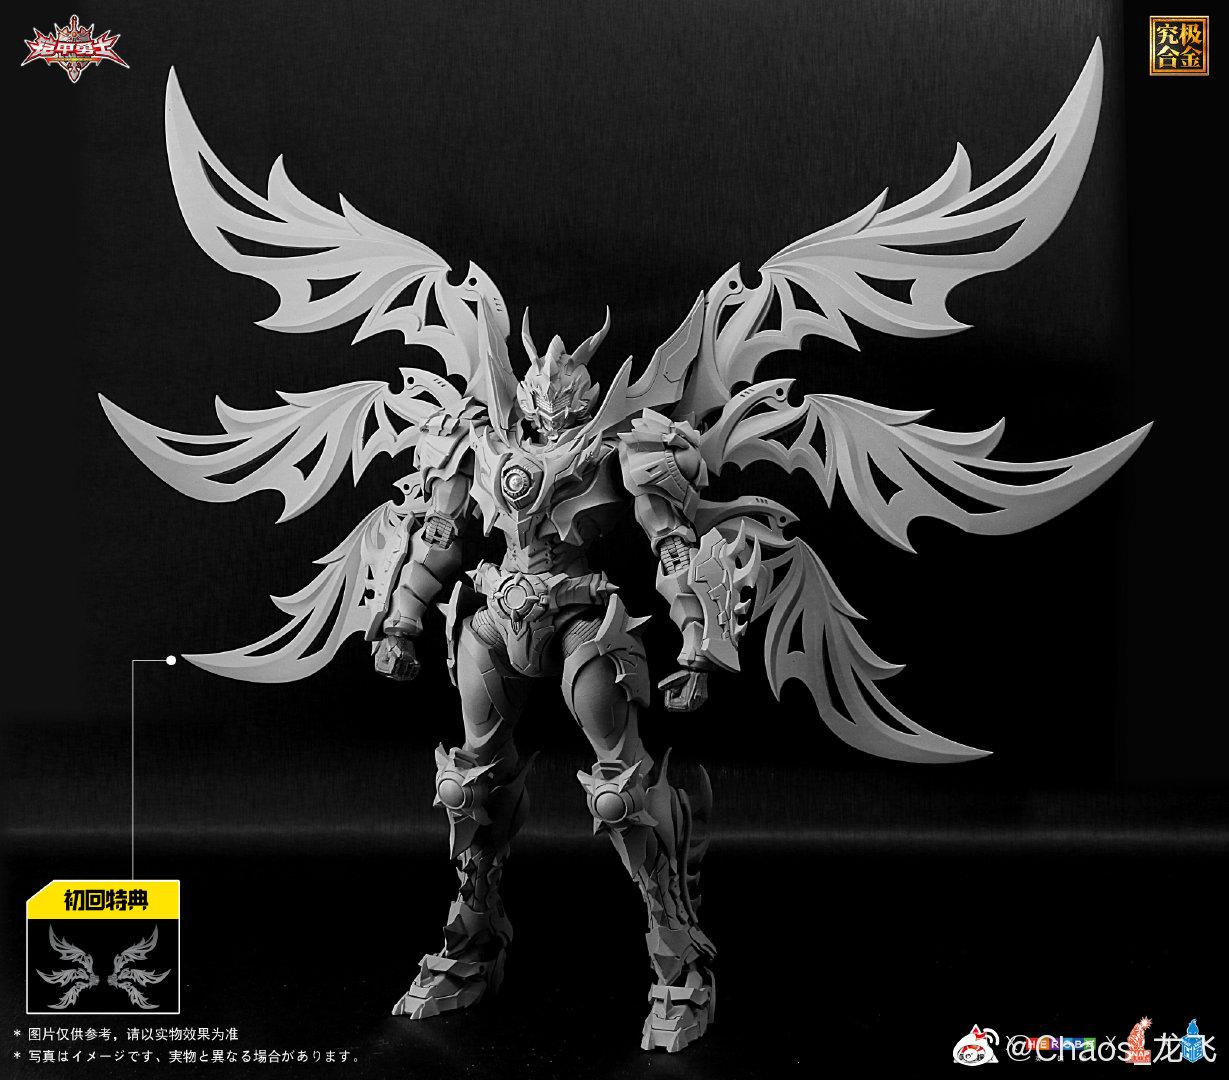 S536_snap_Armor_hero_Emperor_enryu_009.jpg